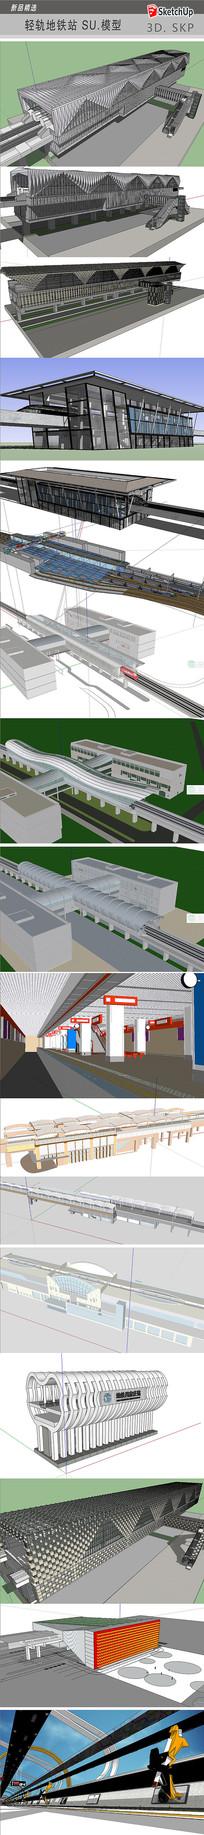 轻轨地铁站SU模型